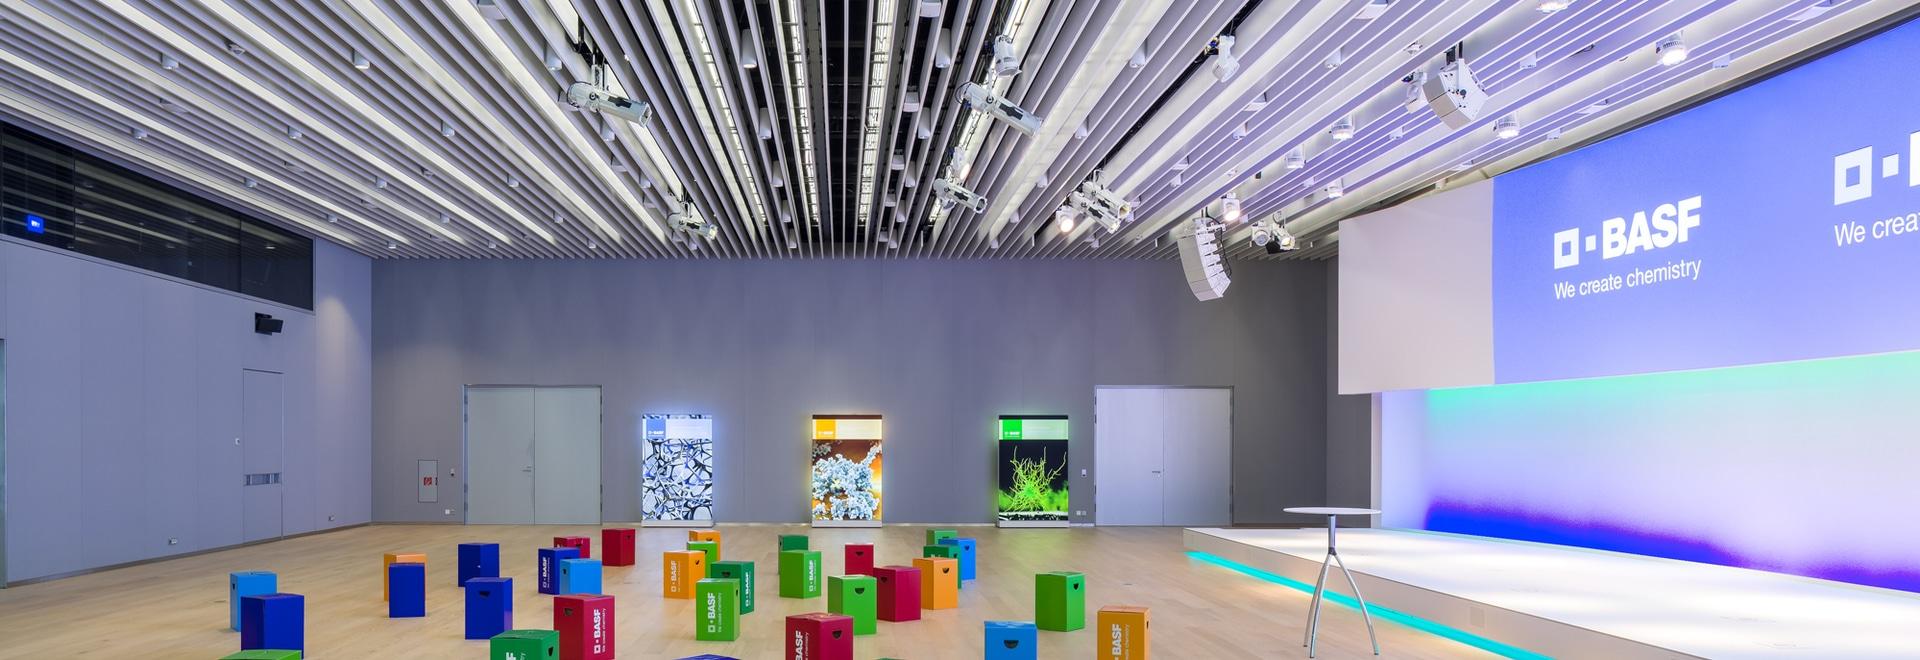 Lindner baffle ceilings